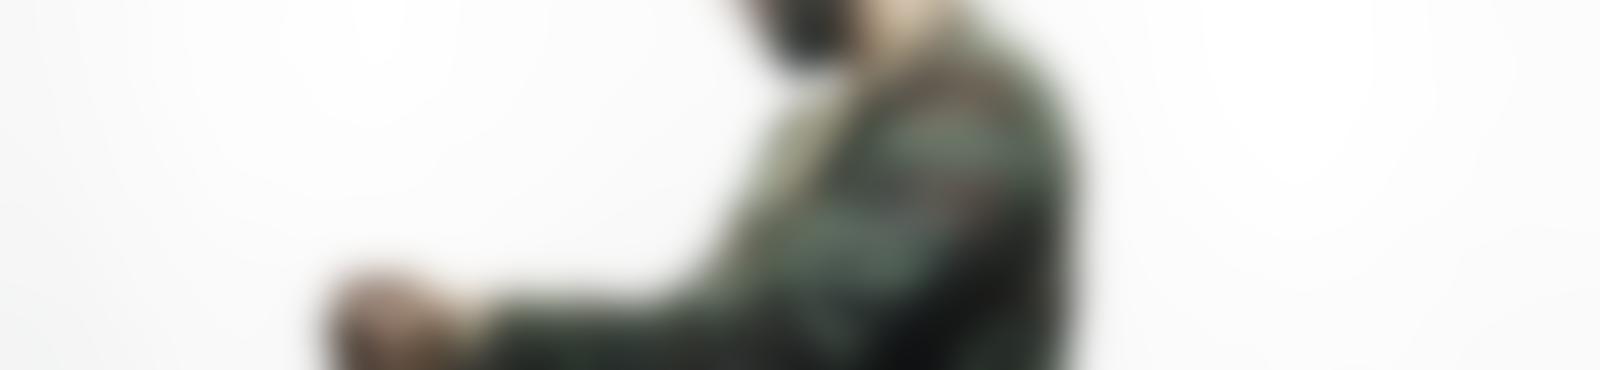 Blurred 0849b961 f7e5 45bc 953c 2993b5a64df7